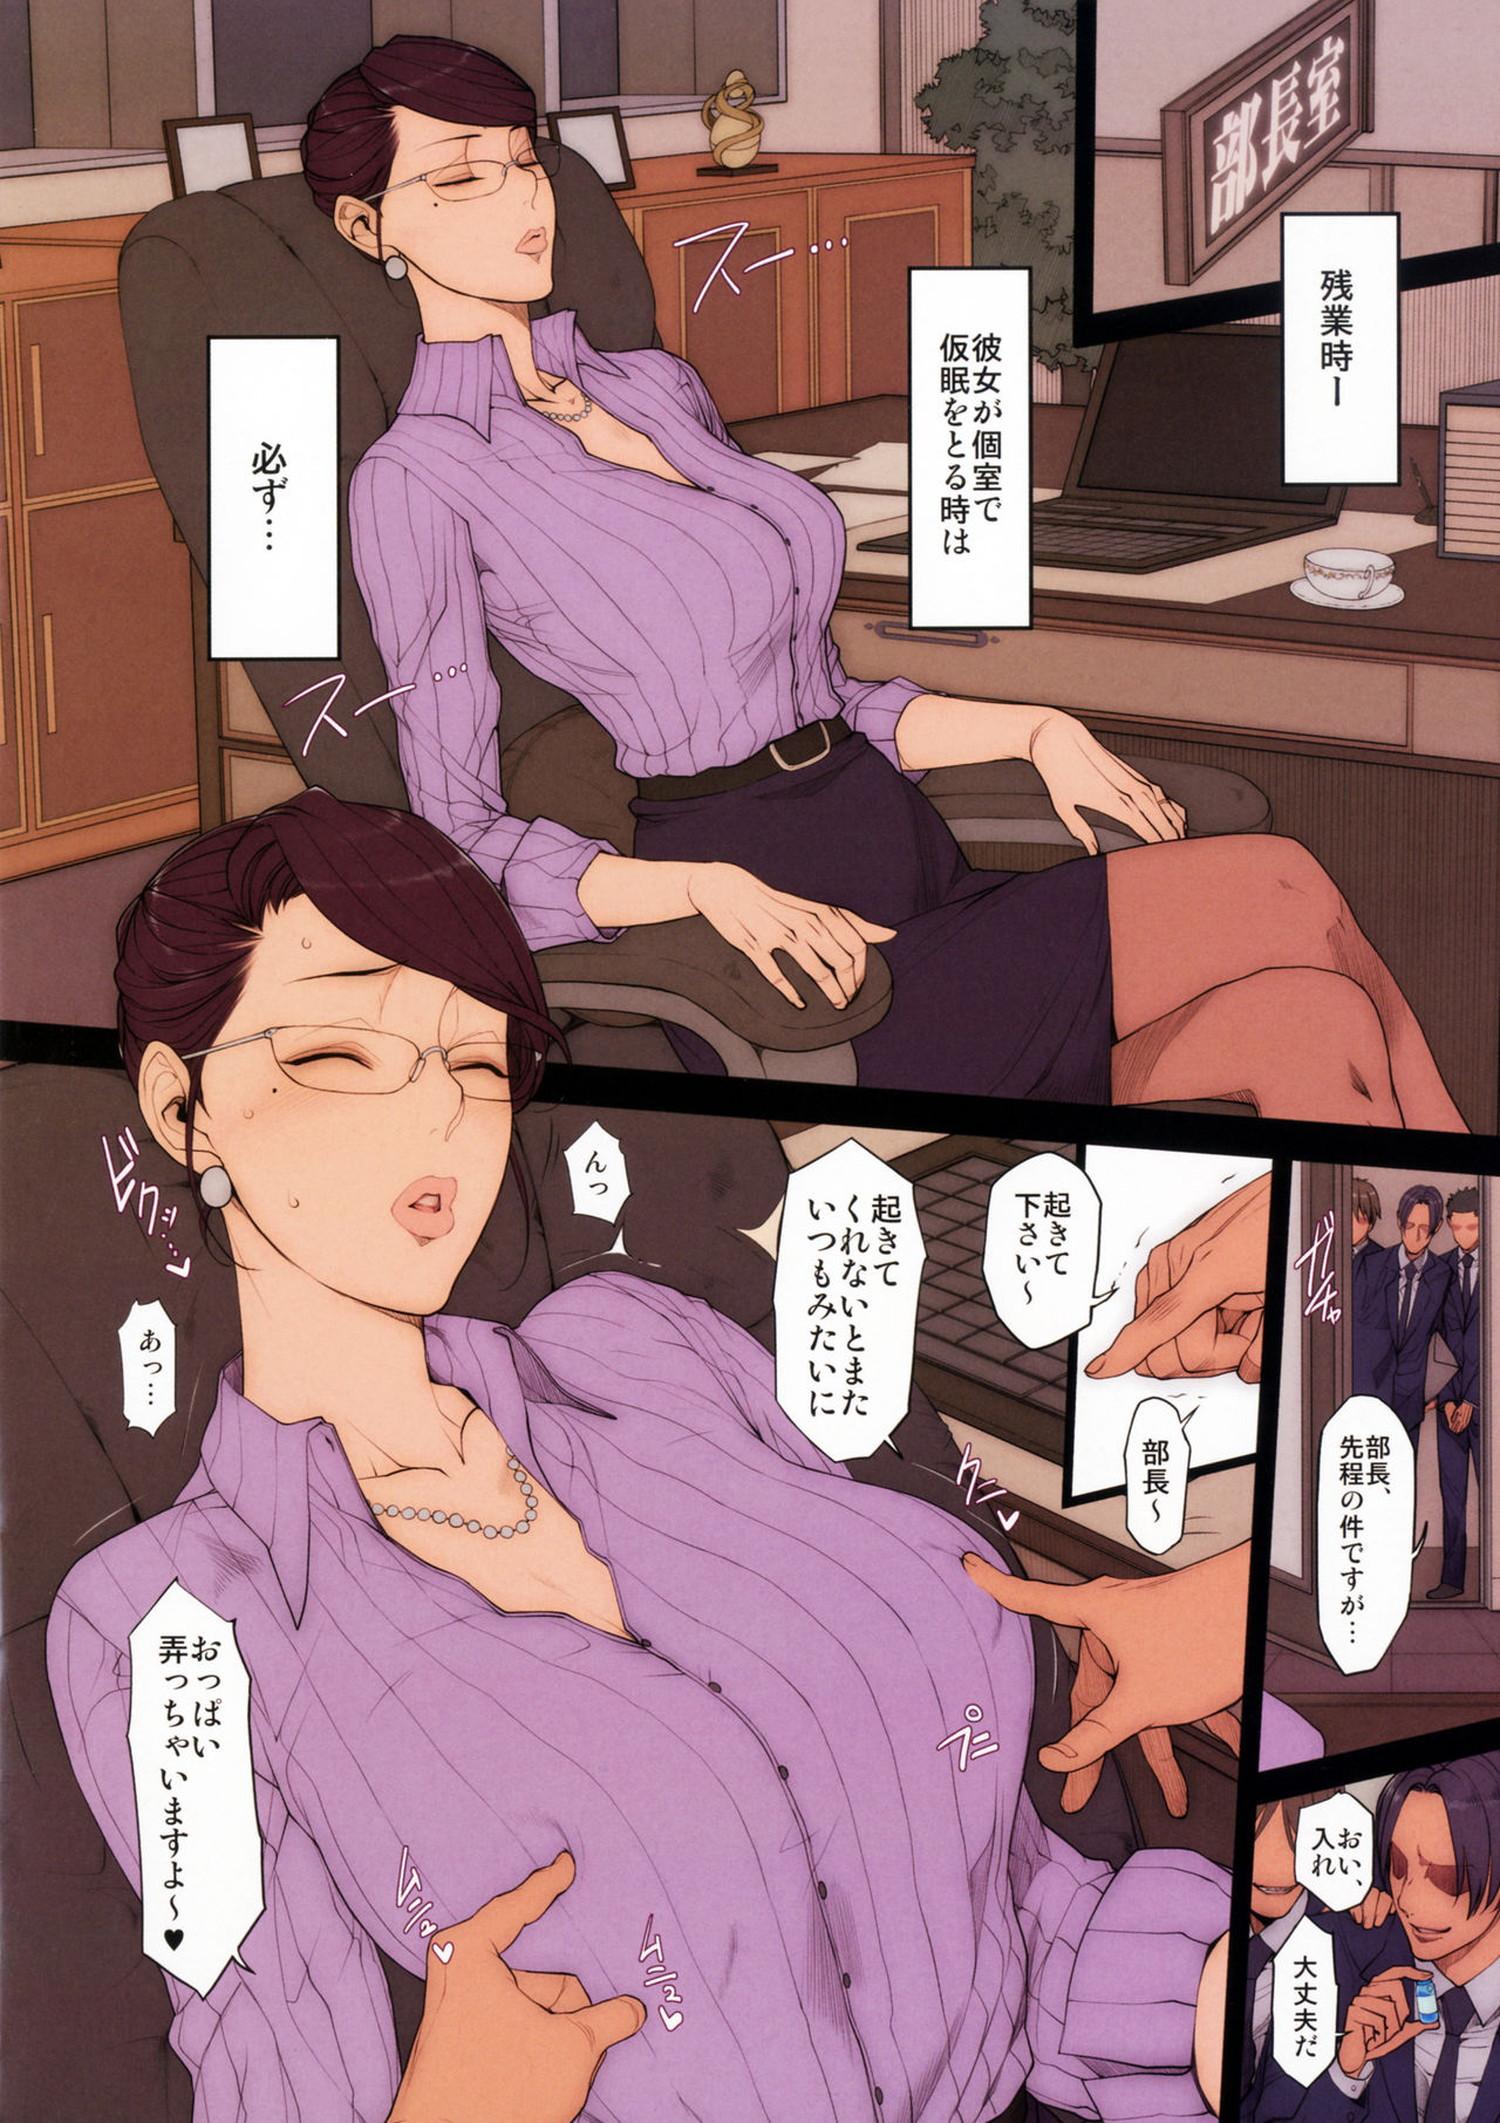 【エロ漫画・エロ同人誌】巨乳人妻が親戚のショタっ子とセックス三昧www (23)